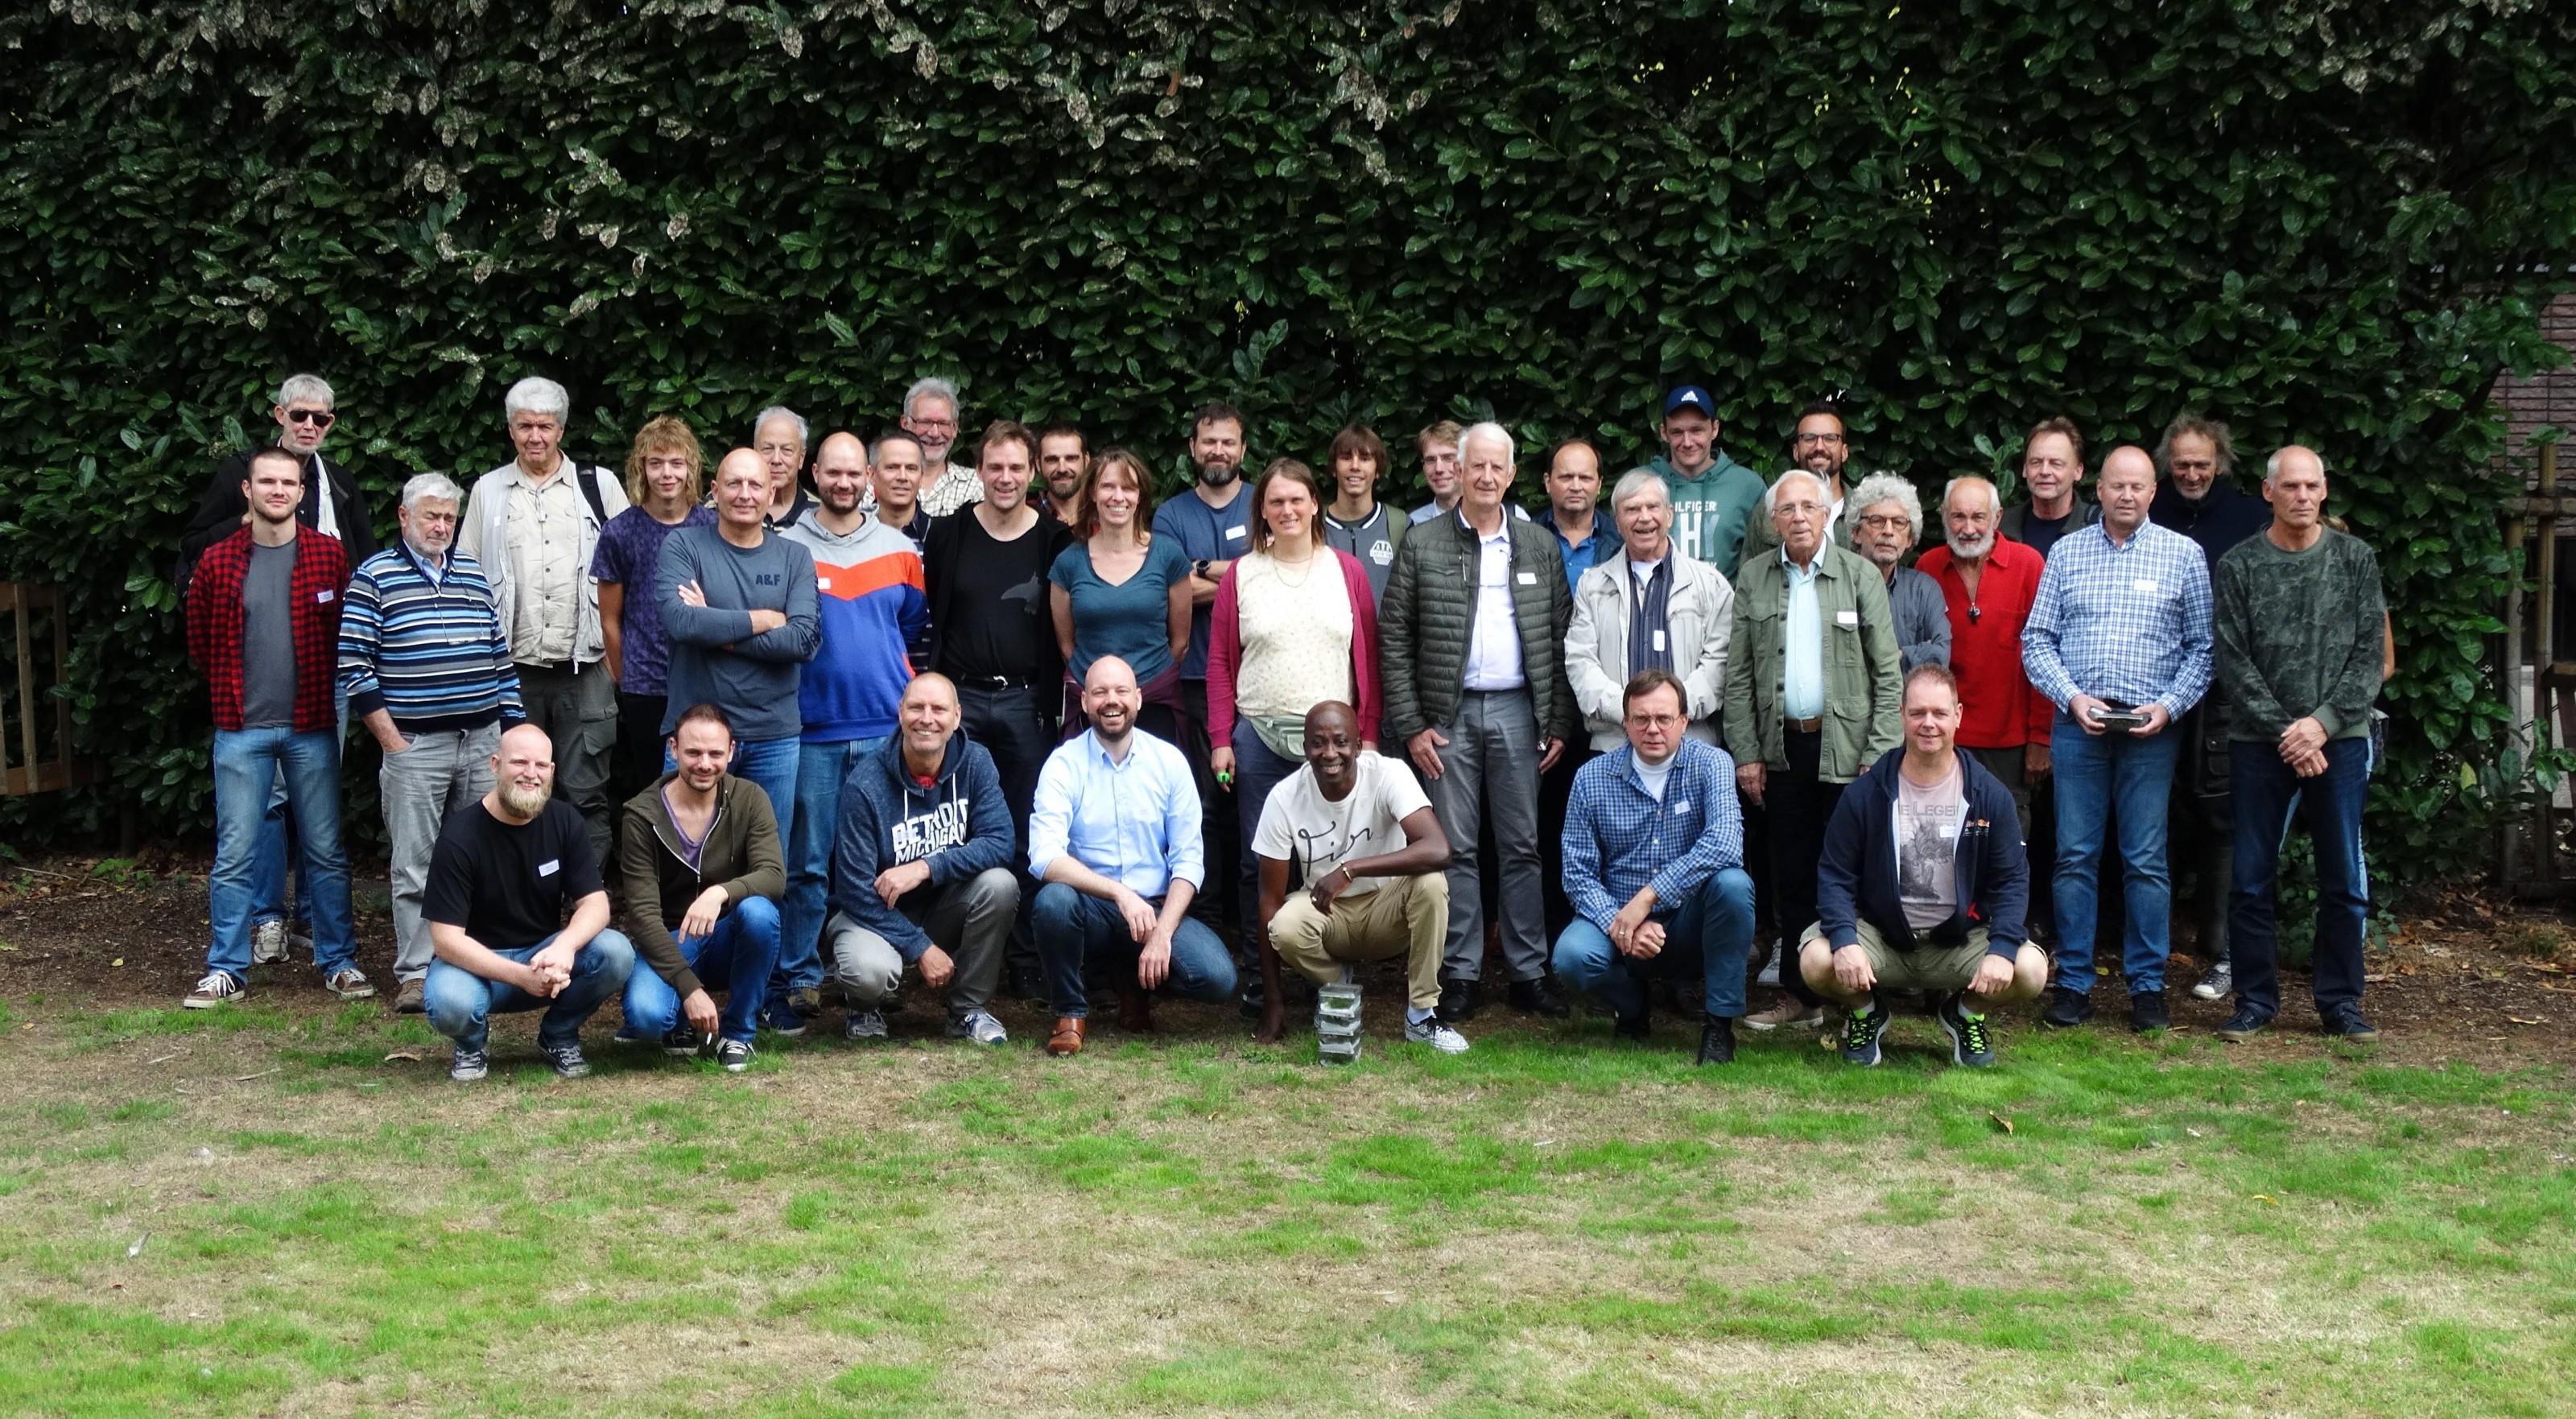 Samenvatting En Foto's Van De 25e Salamanderlanddag In De Oliemeulen